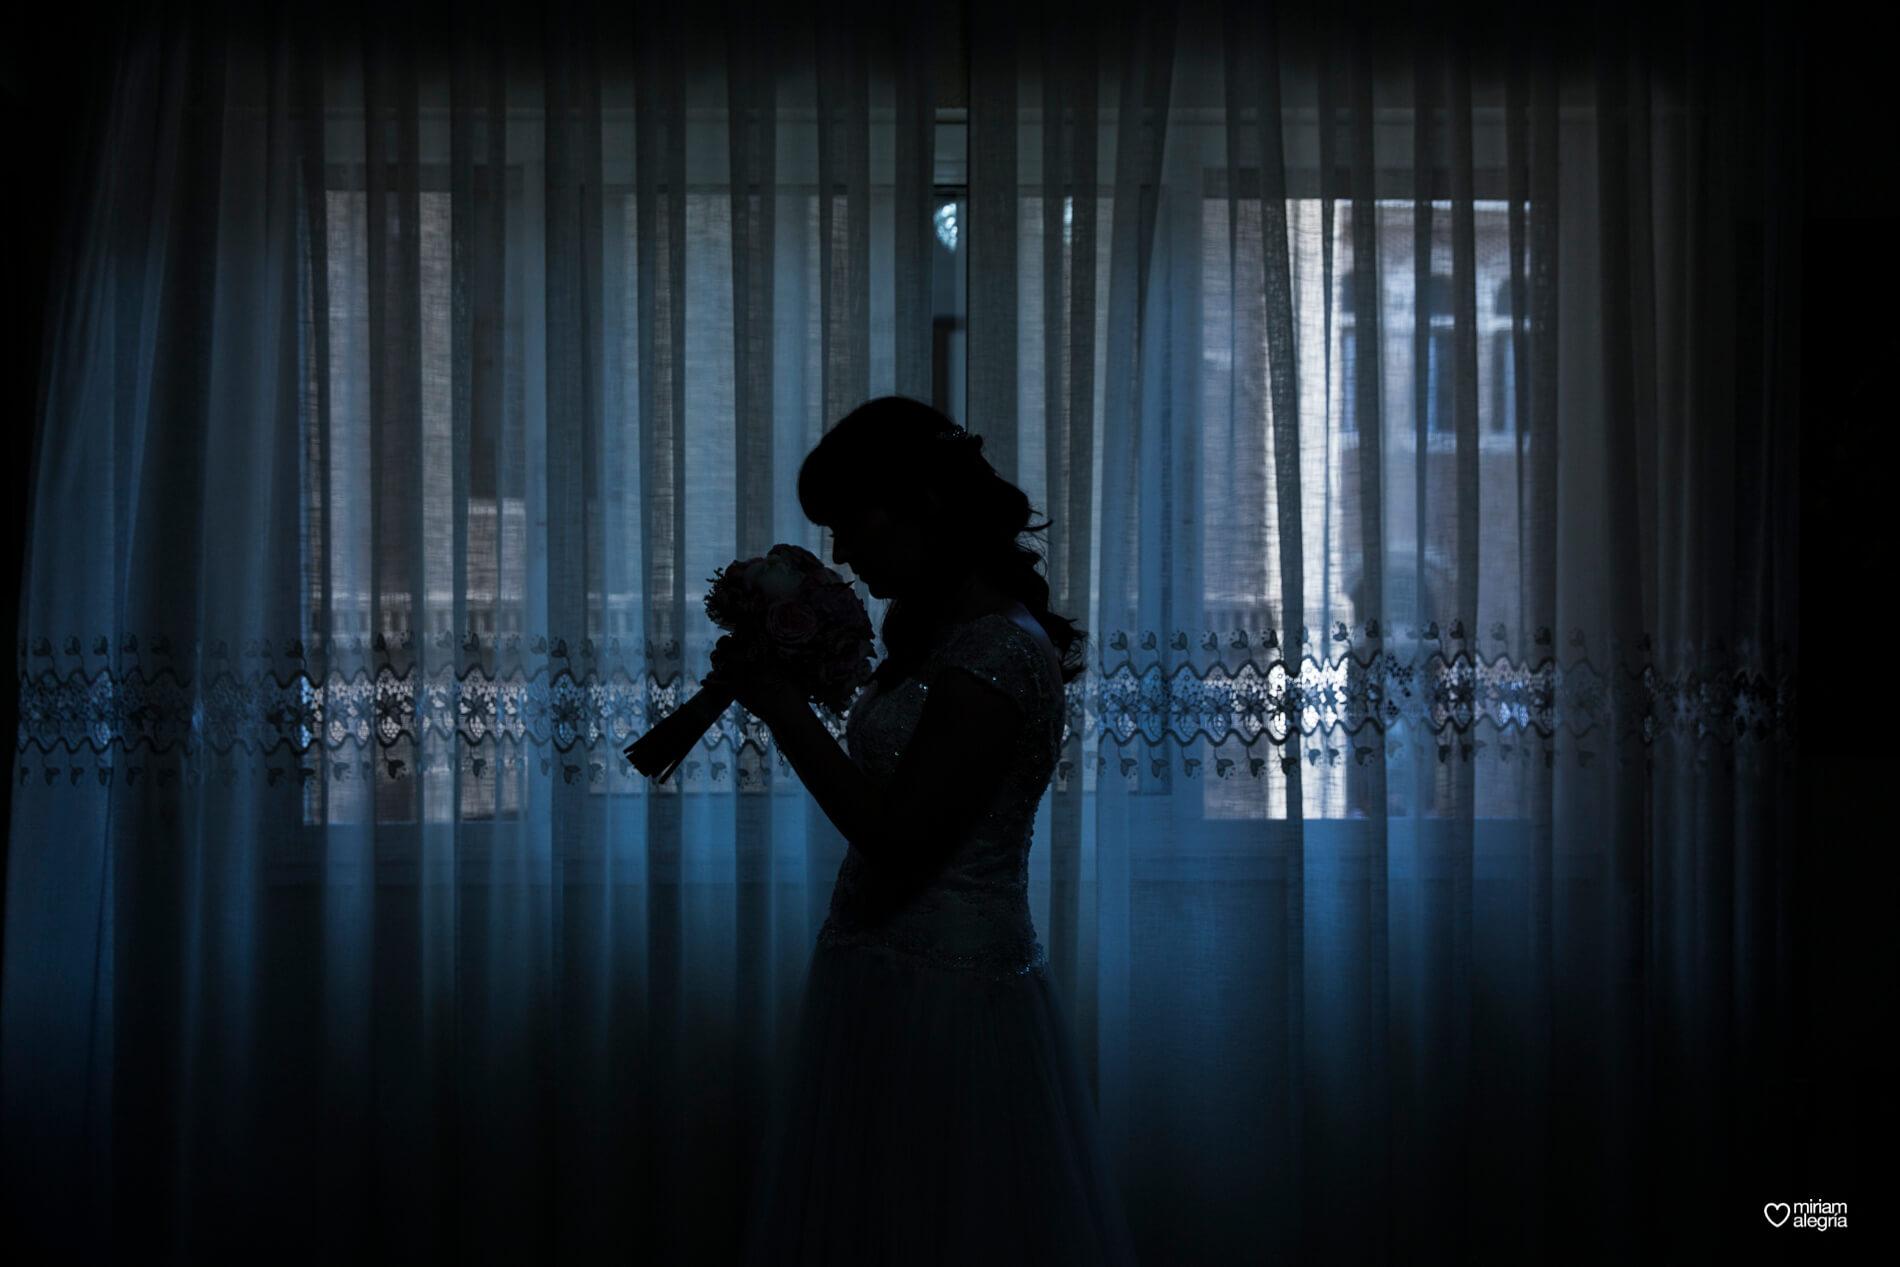 boda-civil-en-el-casino-de-murcia-miriam-alegria-fotografos-de-boda-17